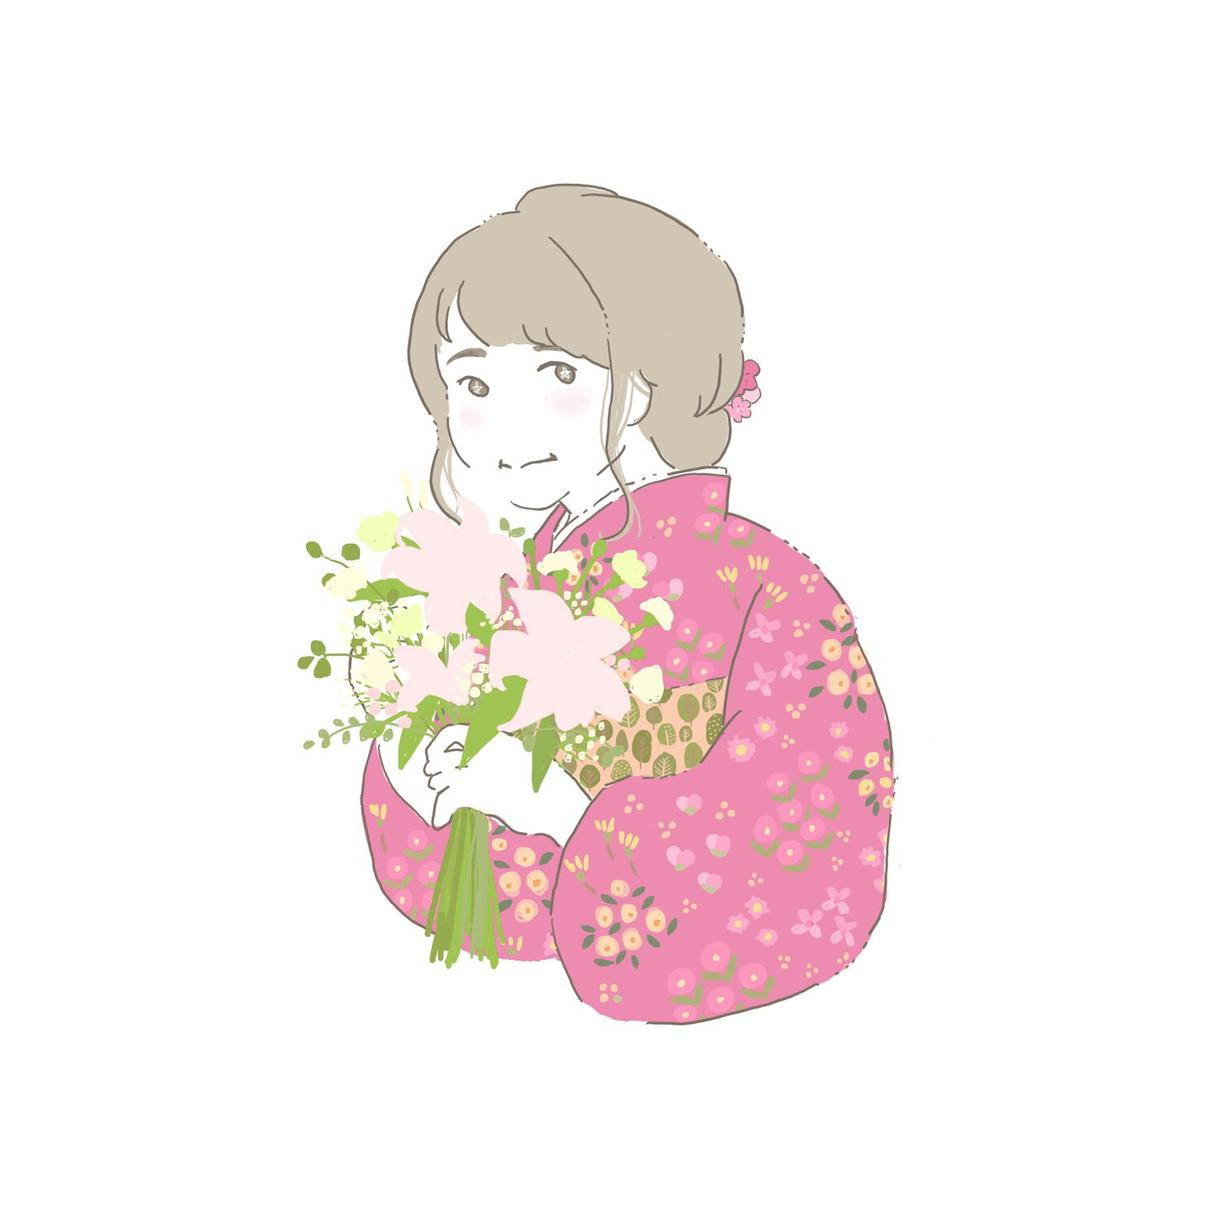 アイコンで使える似顔絵描きます 基本的にお花も描いています。なるべく要望にお応えします。